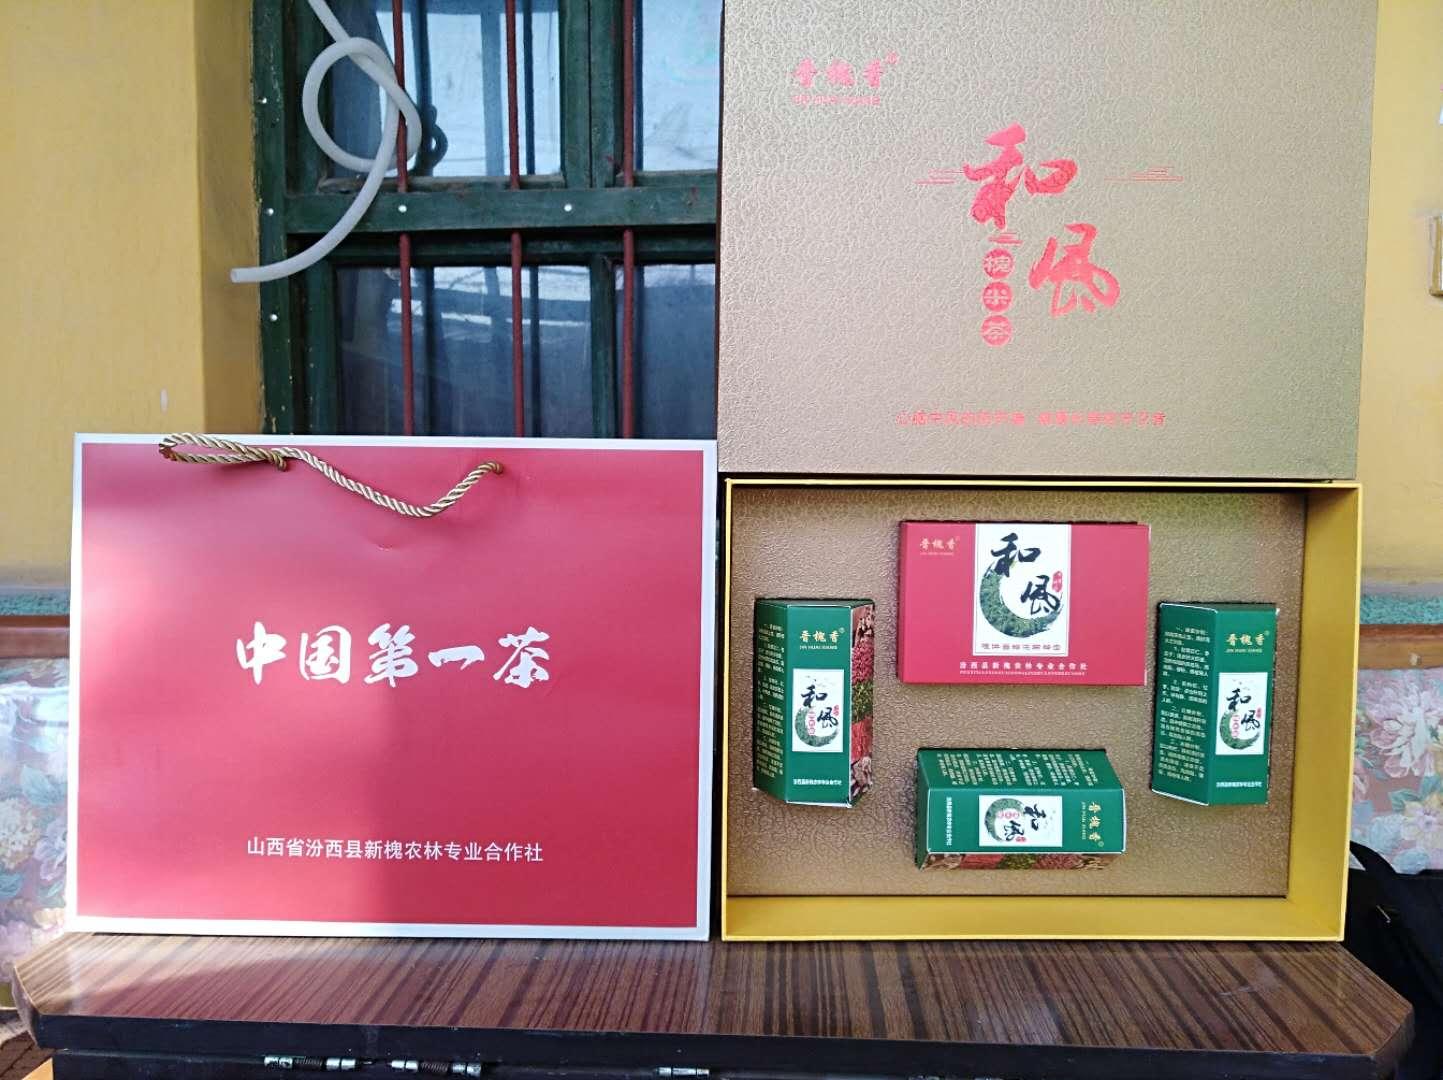 和风槐米茶山西厂家 汾西县槐米茶品牌 北方槐米茶生产 陕西槐米市场 北京和风槐米茶厂家直销 汾西县槐米市场 槐米茶